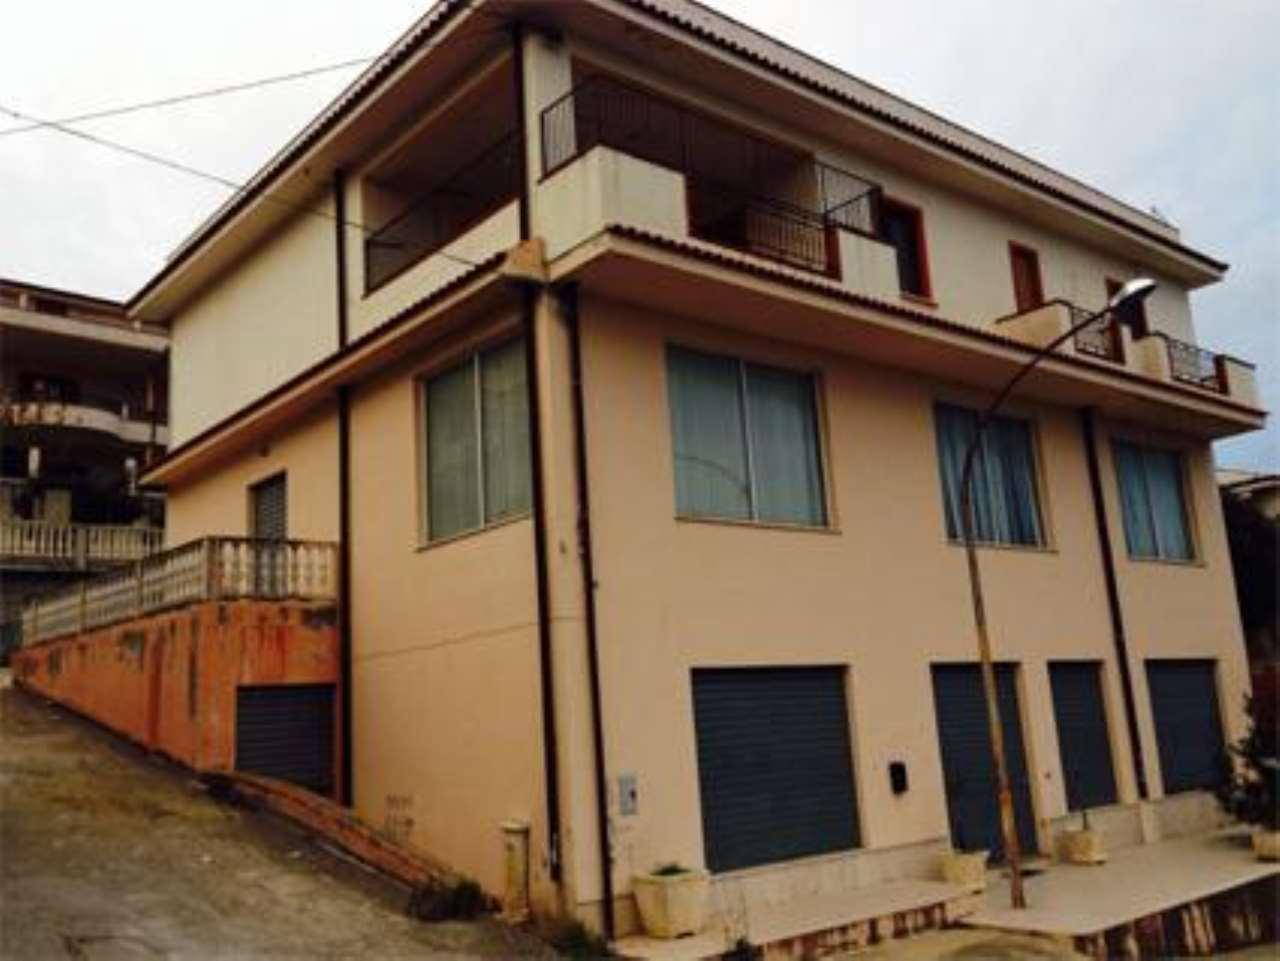 Foto 1 di Casa indipendente Via Luparella, Casabona